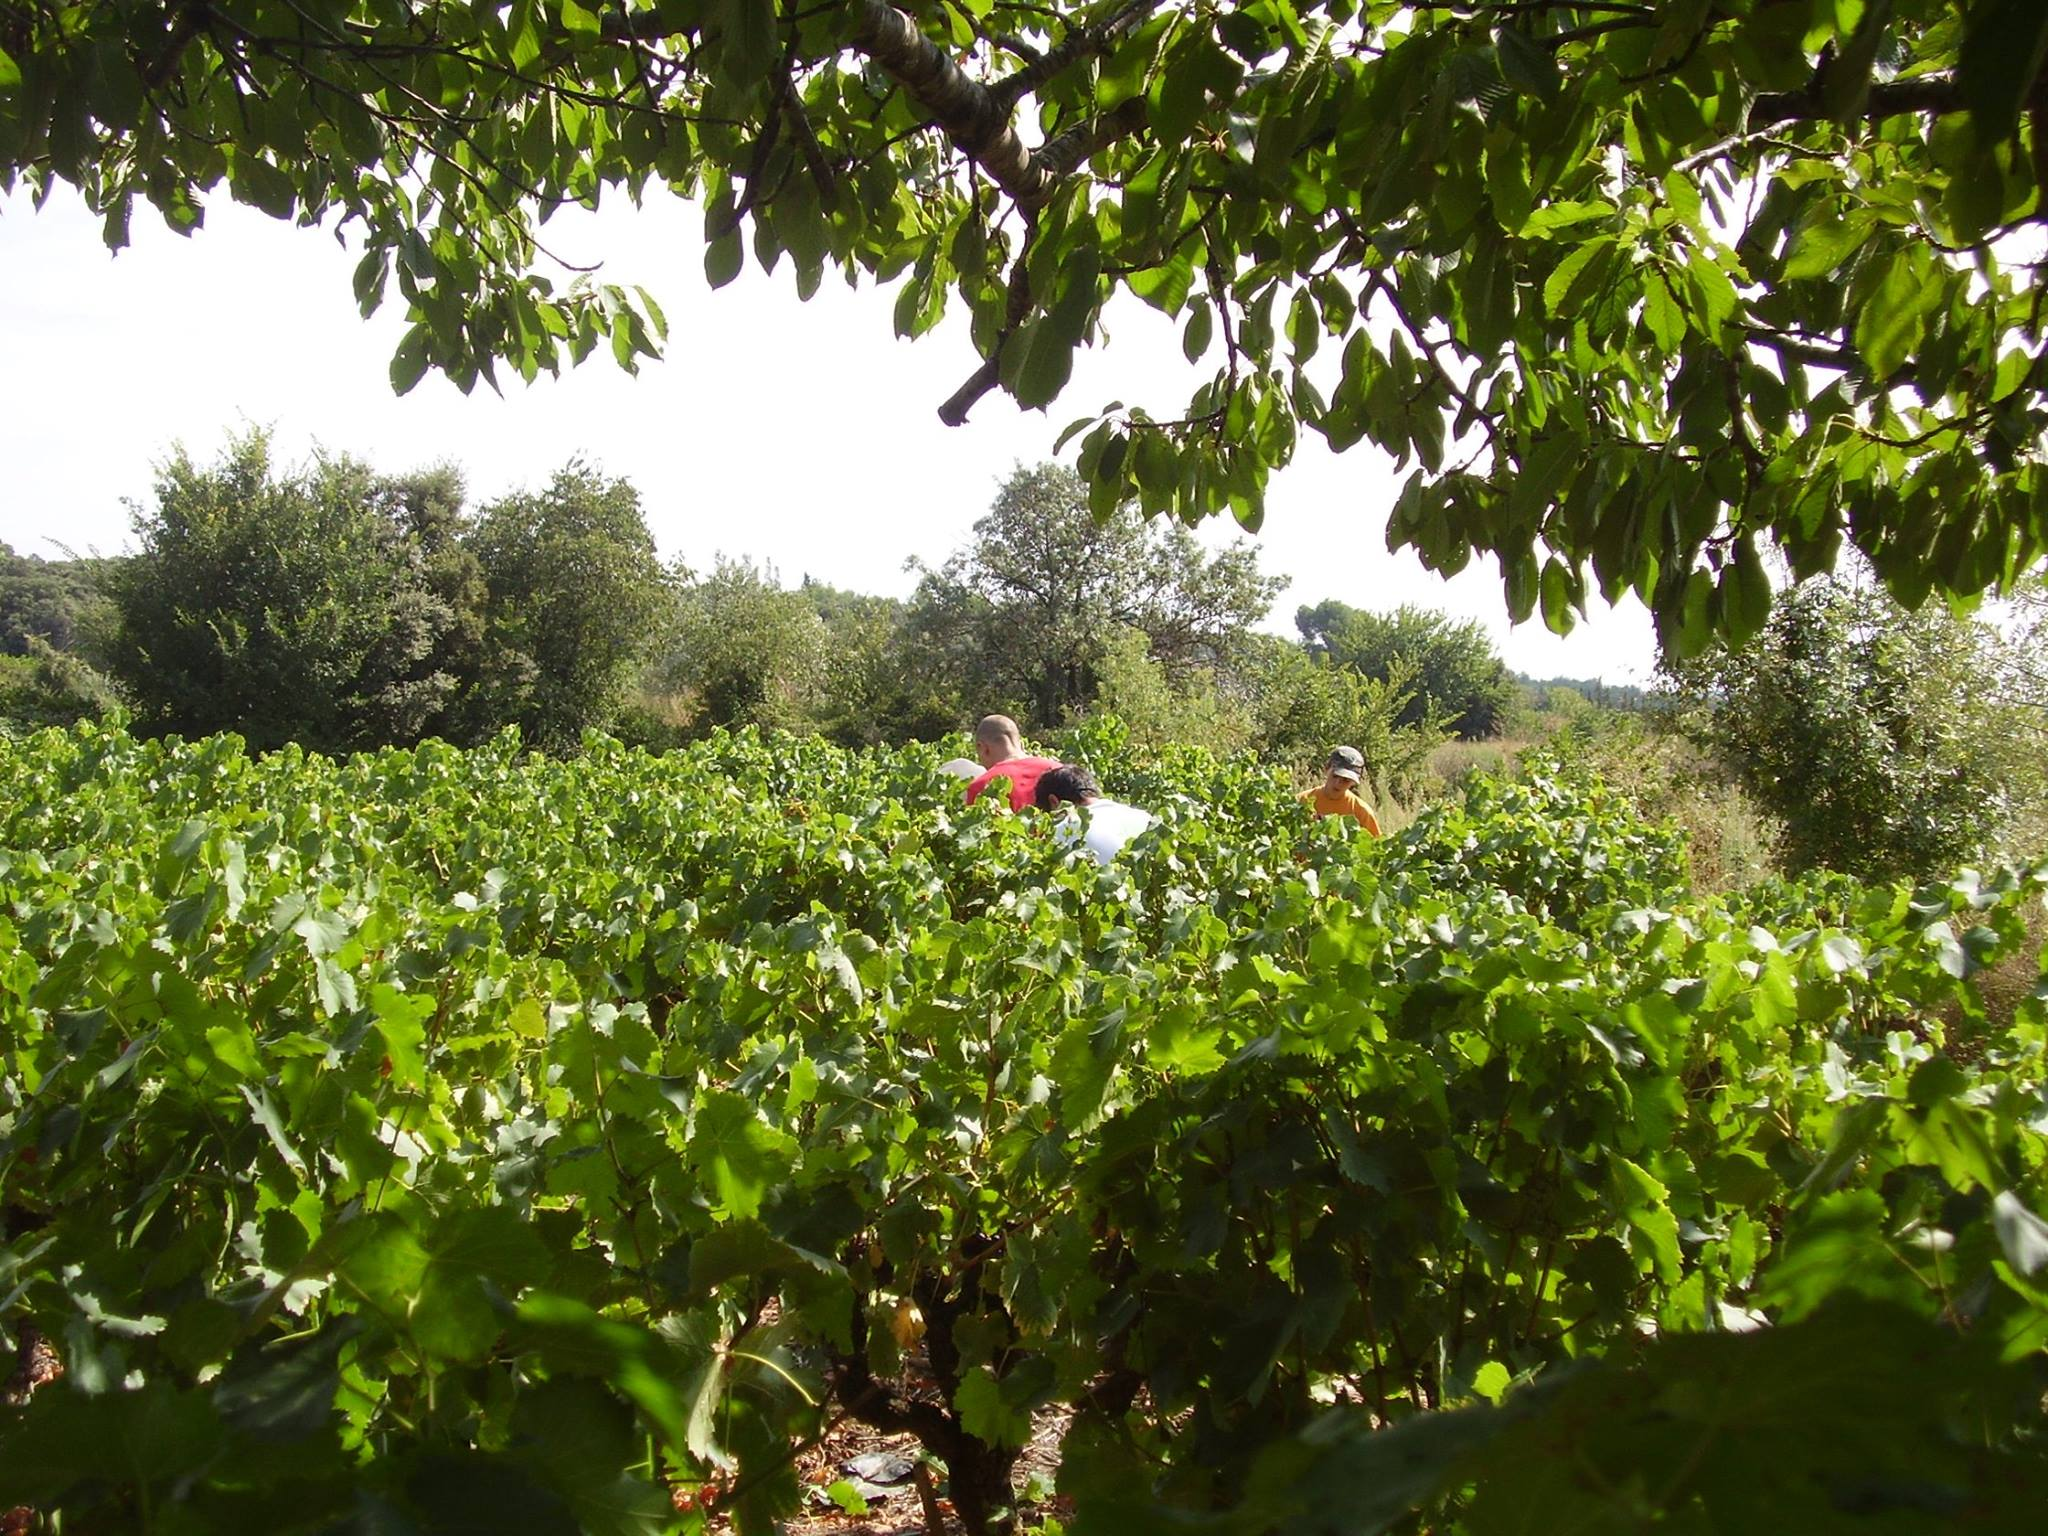 vignes - Caveau Tours et Terroirs d'Aniane